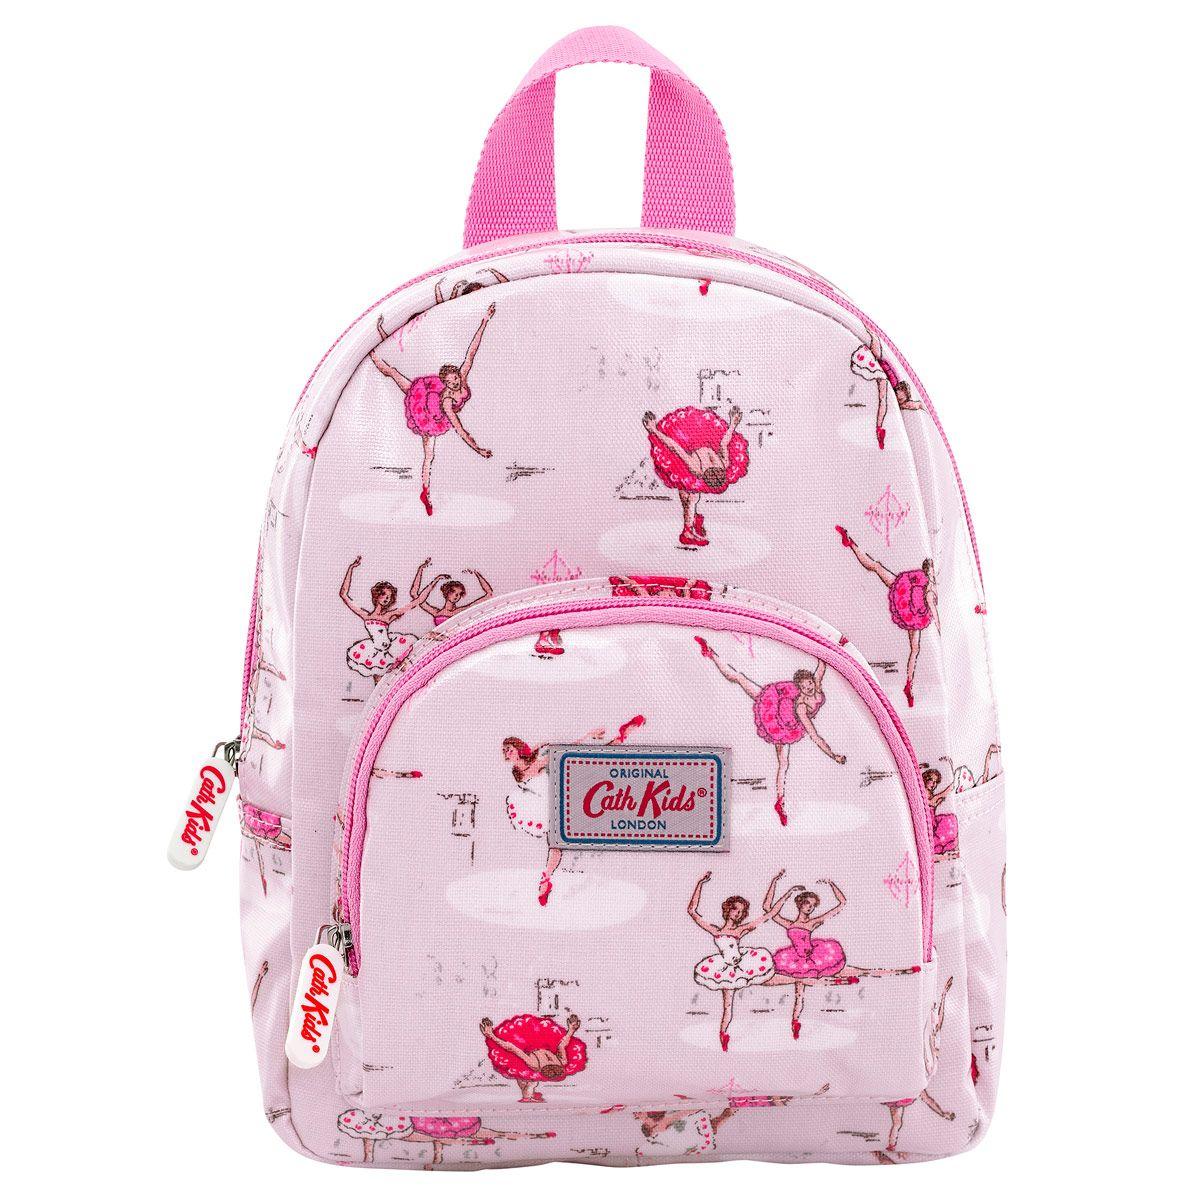 Ballerina Mini Rucksack for Kids  2b673de3cd9ce